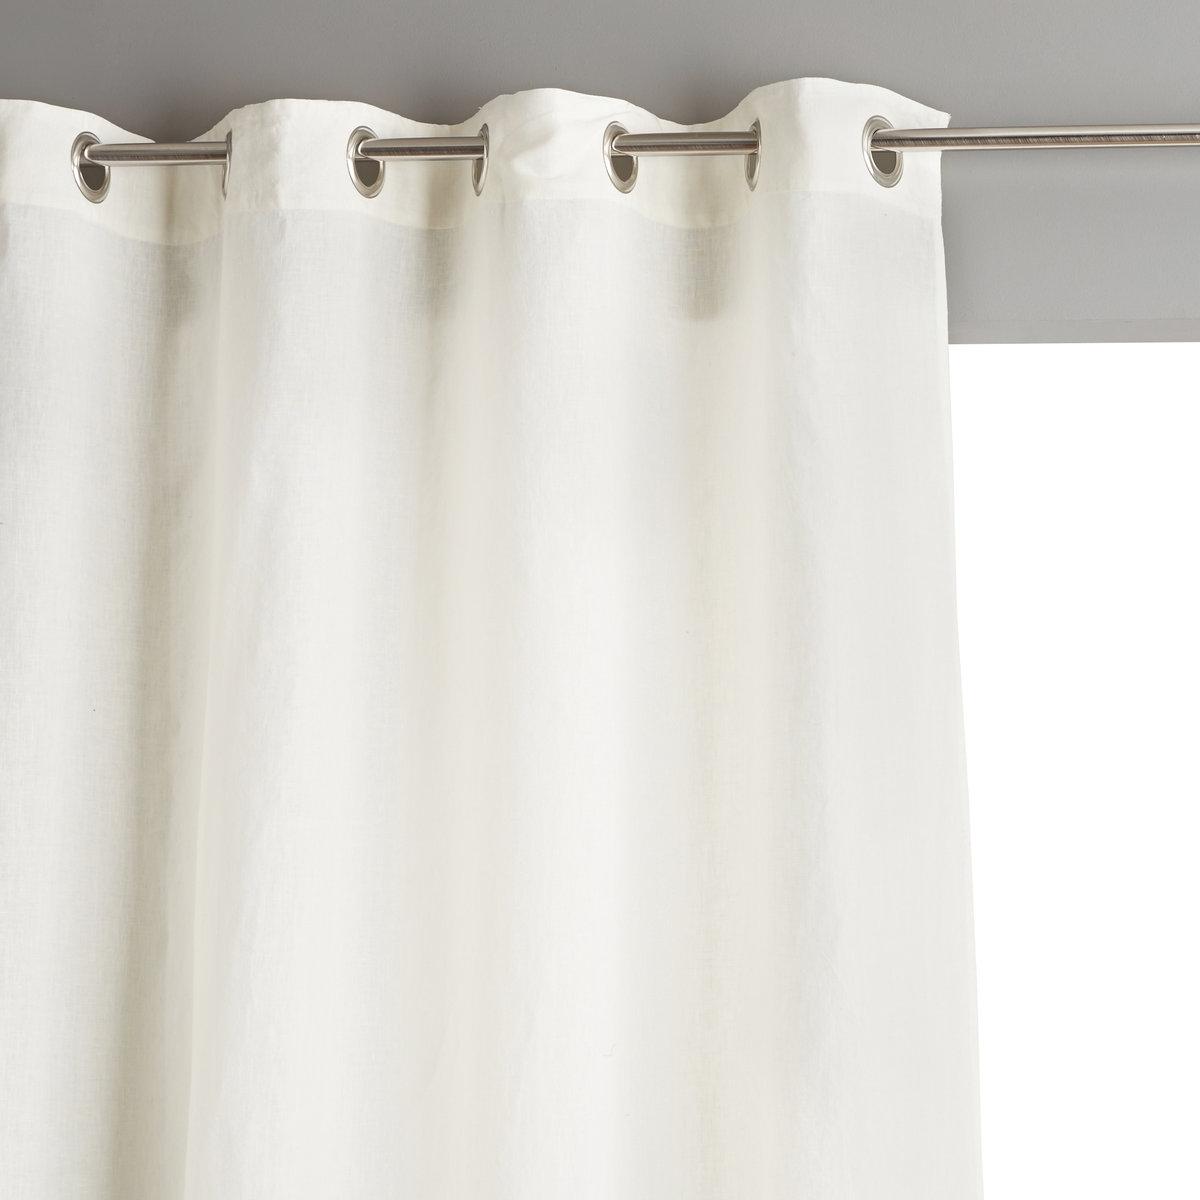 Штора La Redoute Из льна с люверсами Private 140 x 260 см белый штора двухцветная с люверсами 100